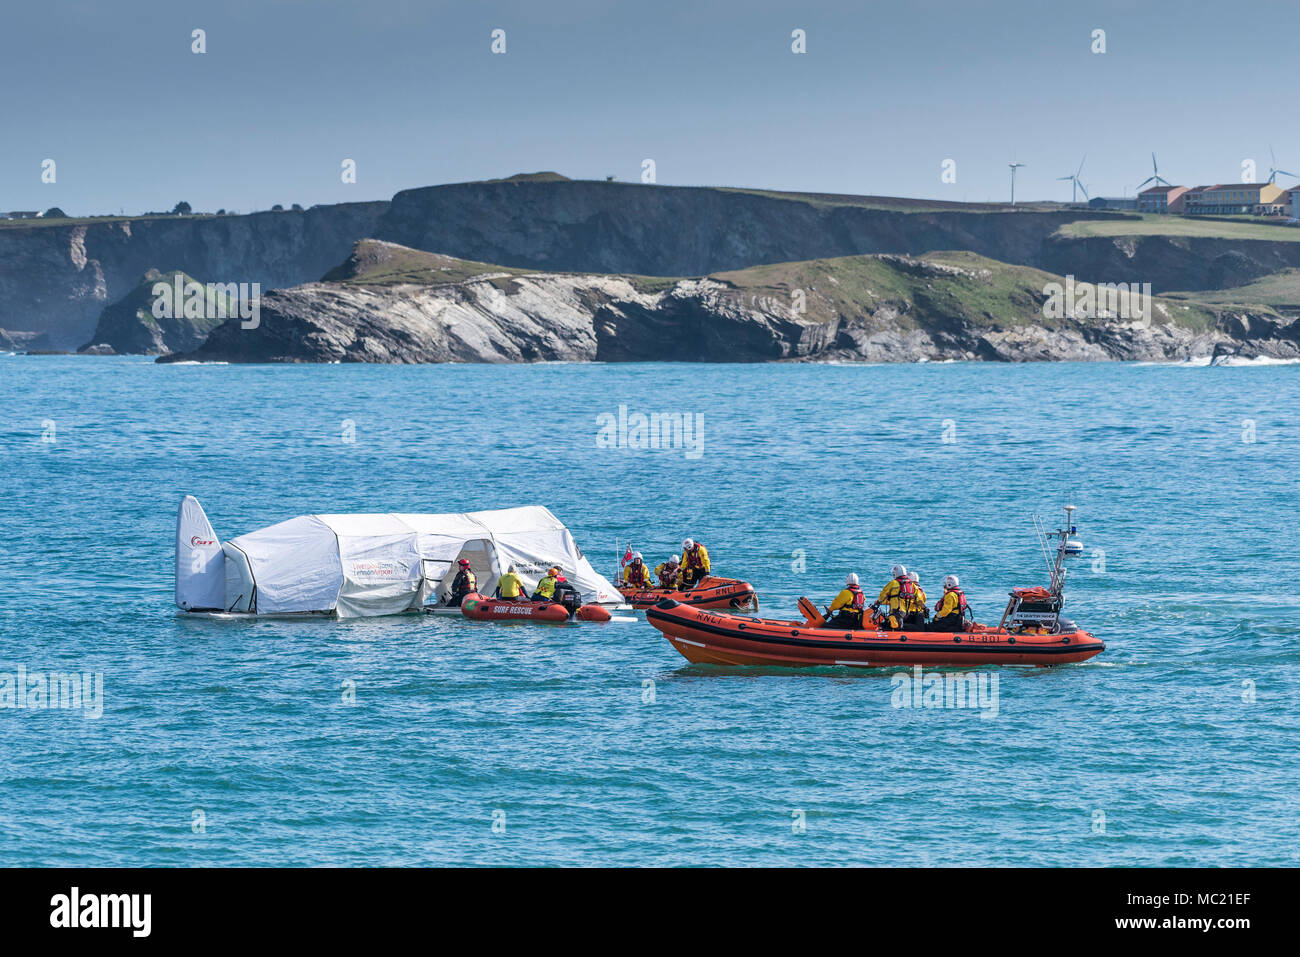 Eine Rettung und Brandbekämpfung Flugzeuge Simulator auf dem Meer schwimmende und in einem GMICE (Gute Medizin in anspruchsvollen Umgebungen) Major Incident verwendet wird Stockbild